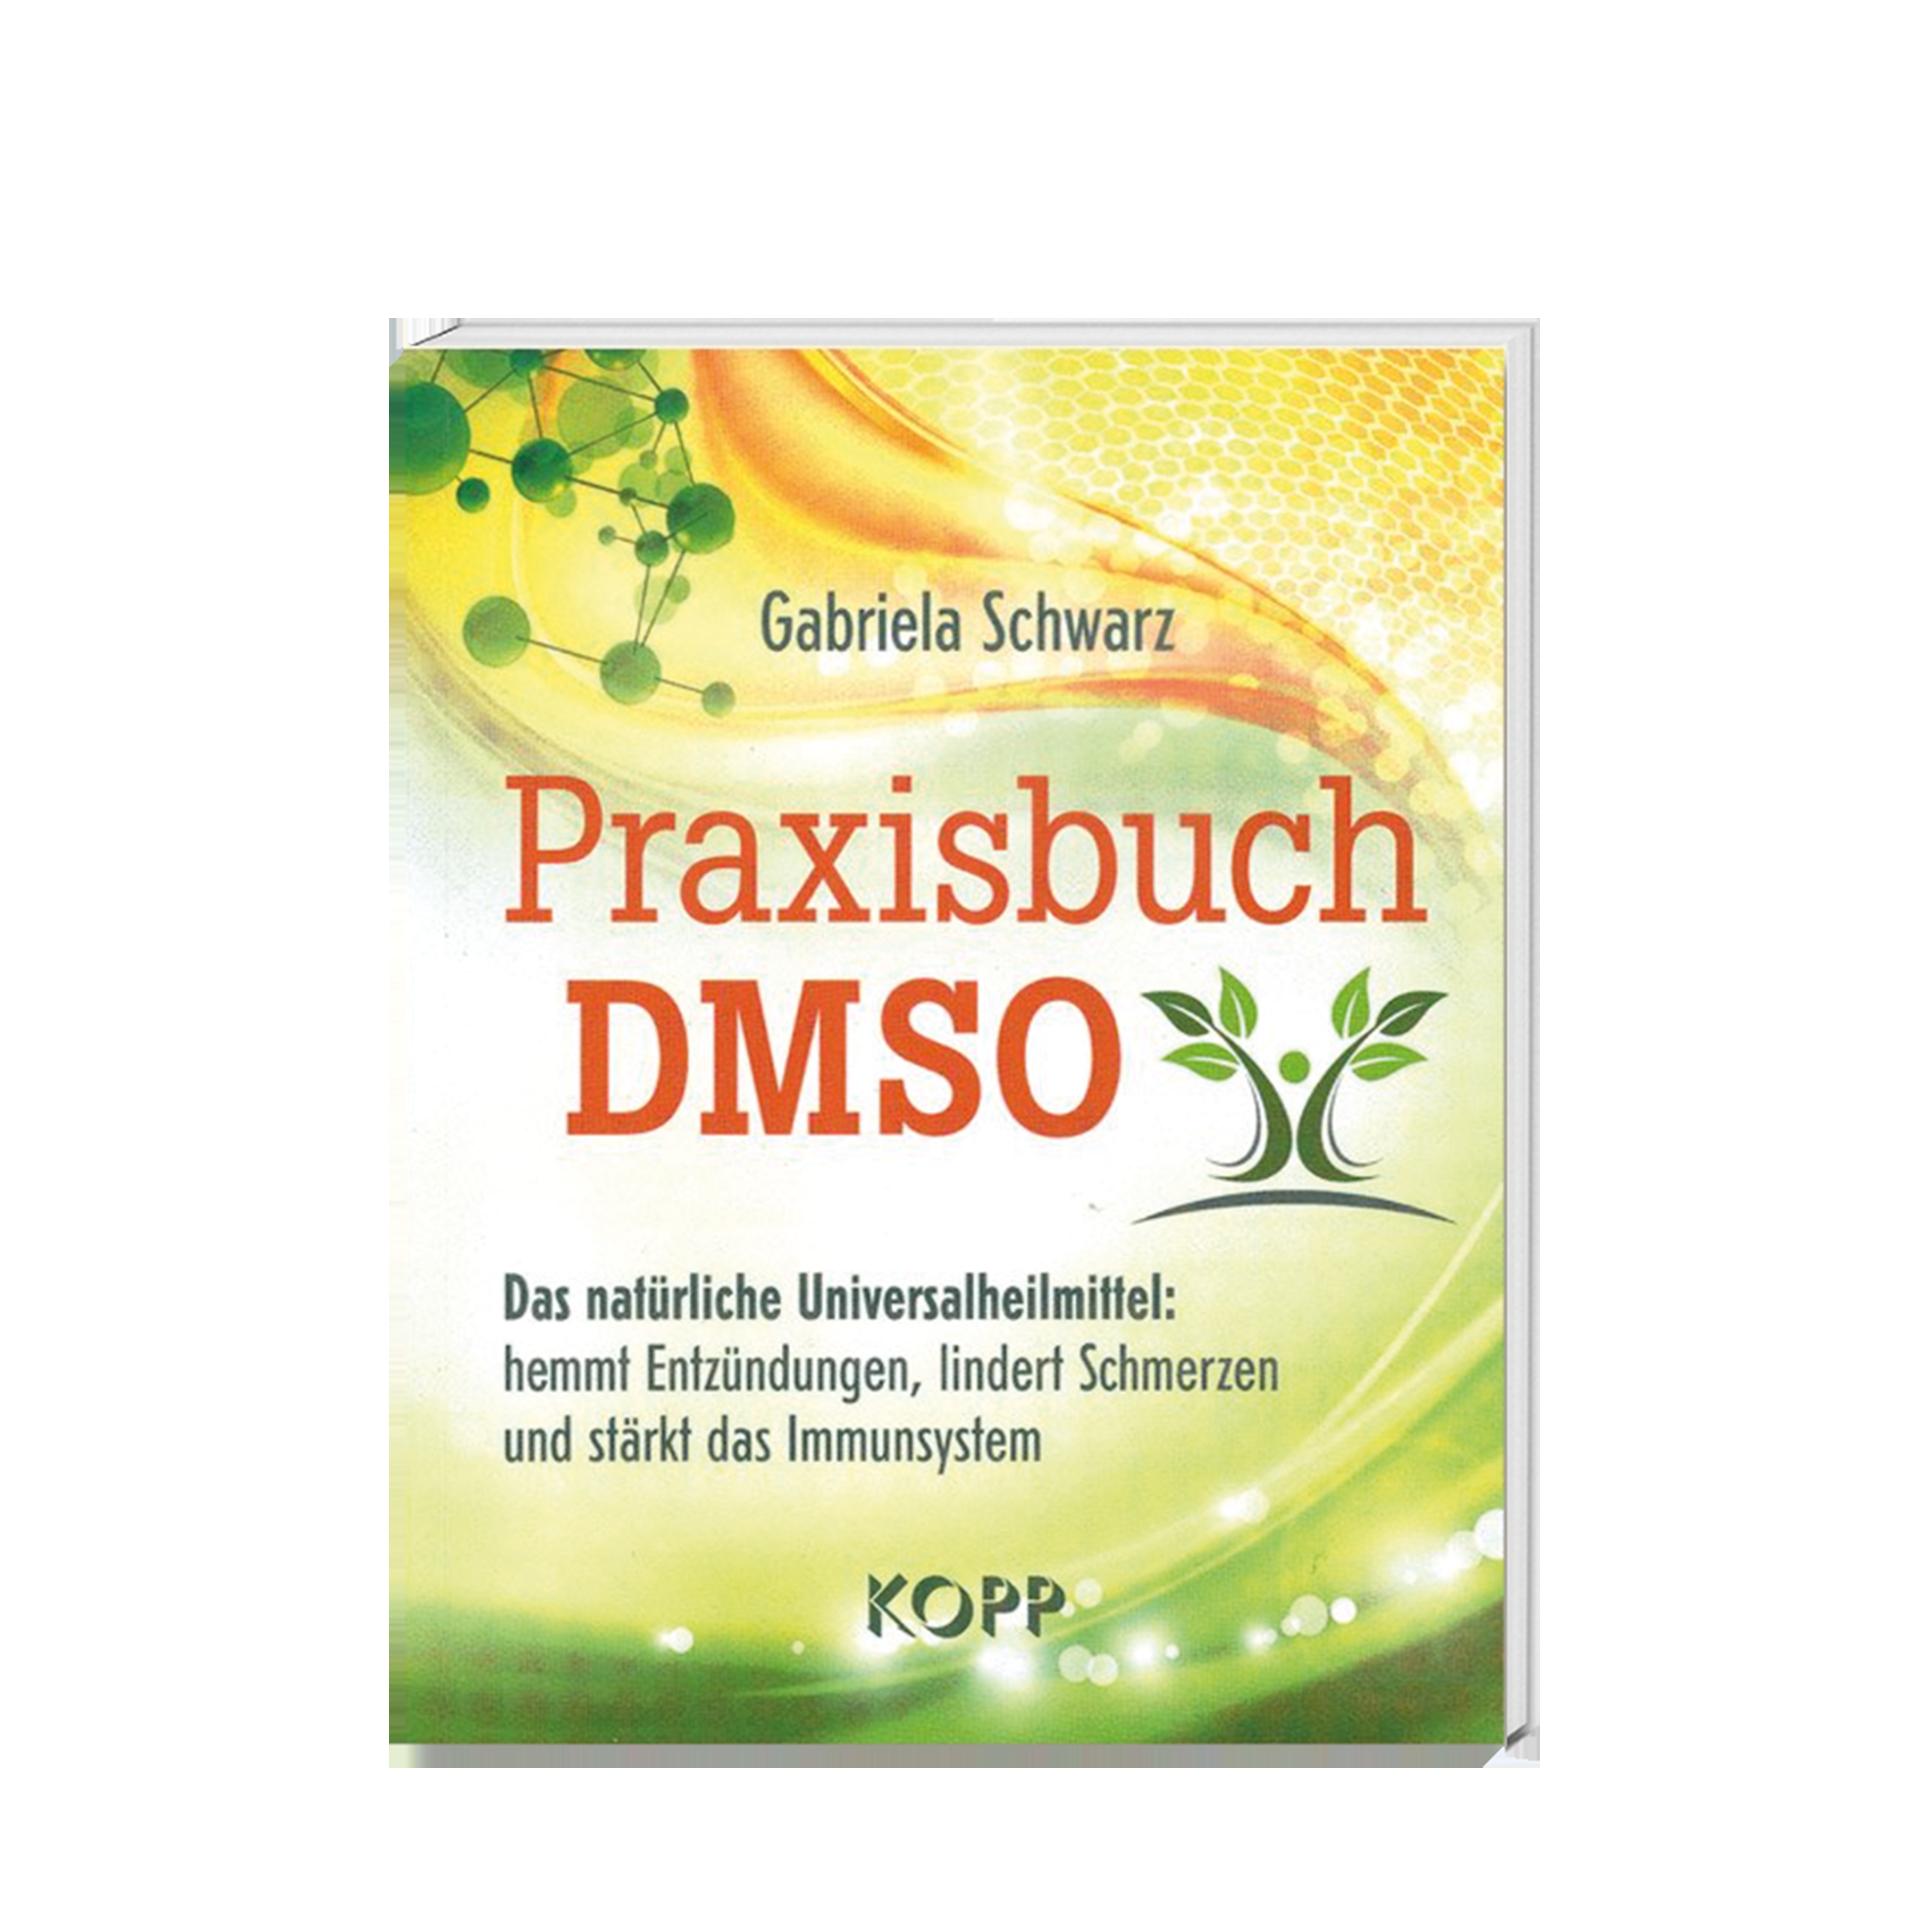 Praxisbuch DMSO, 128 Seiten